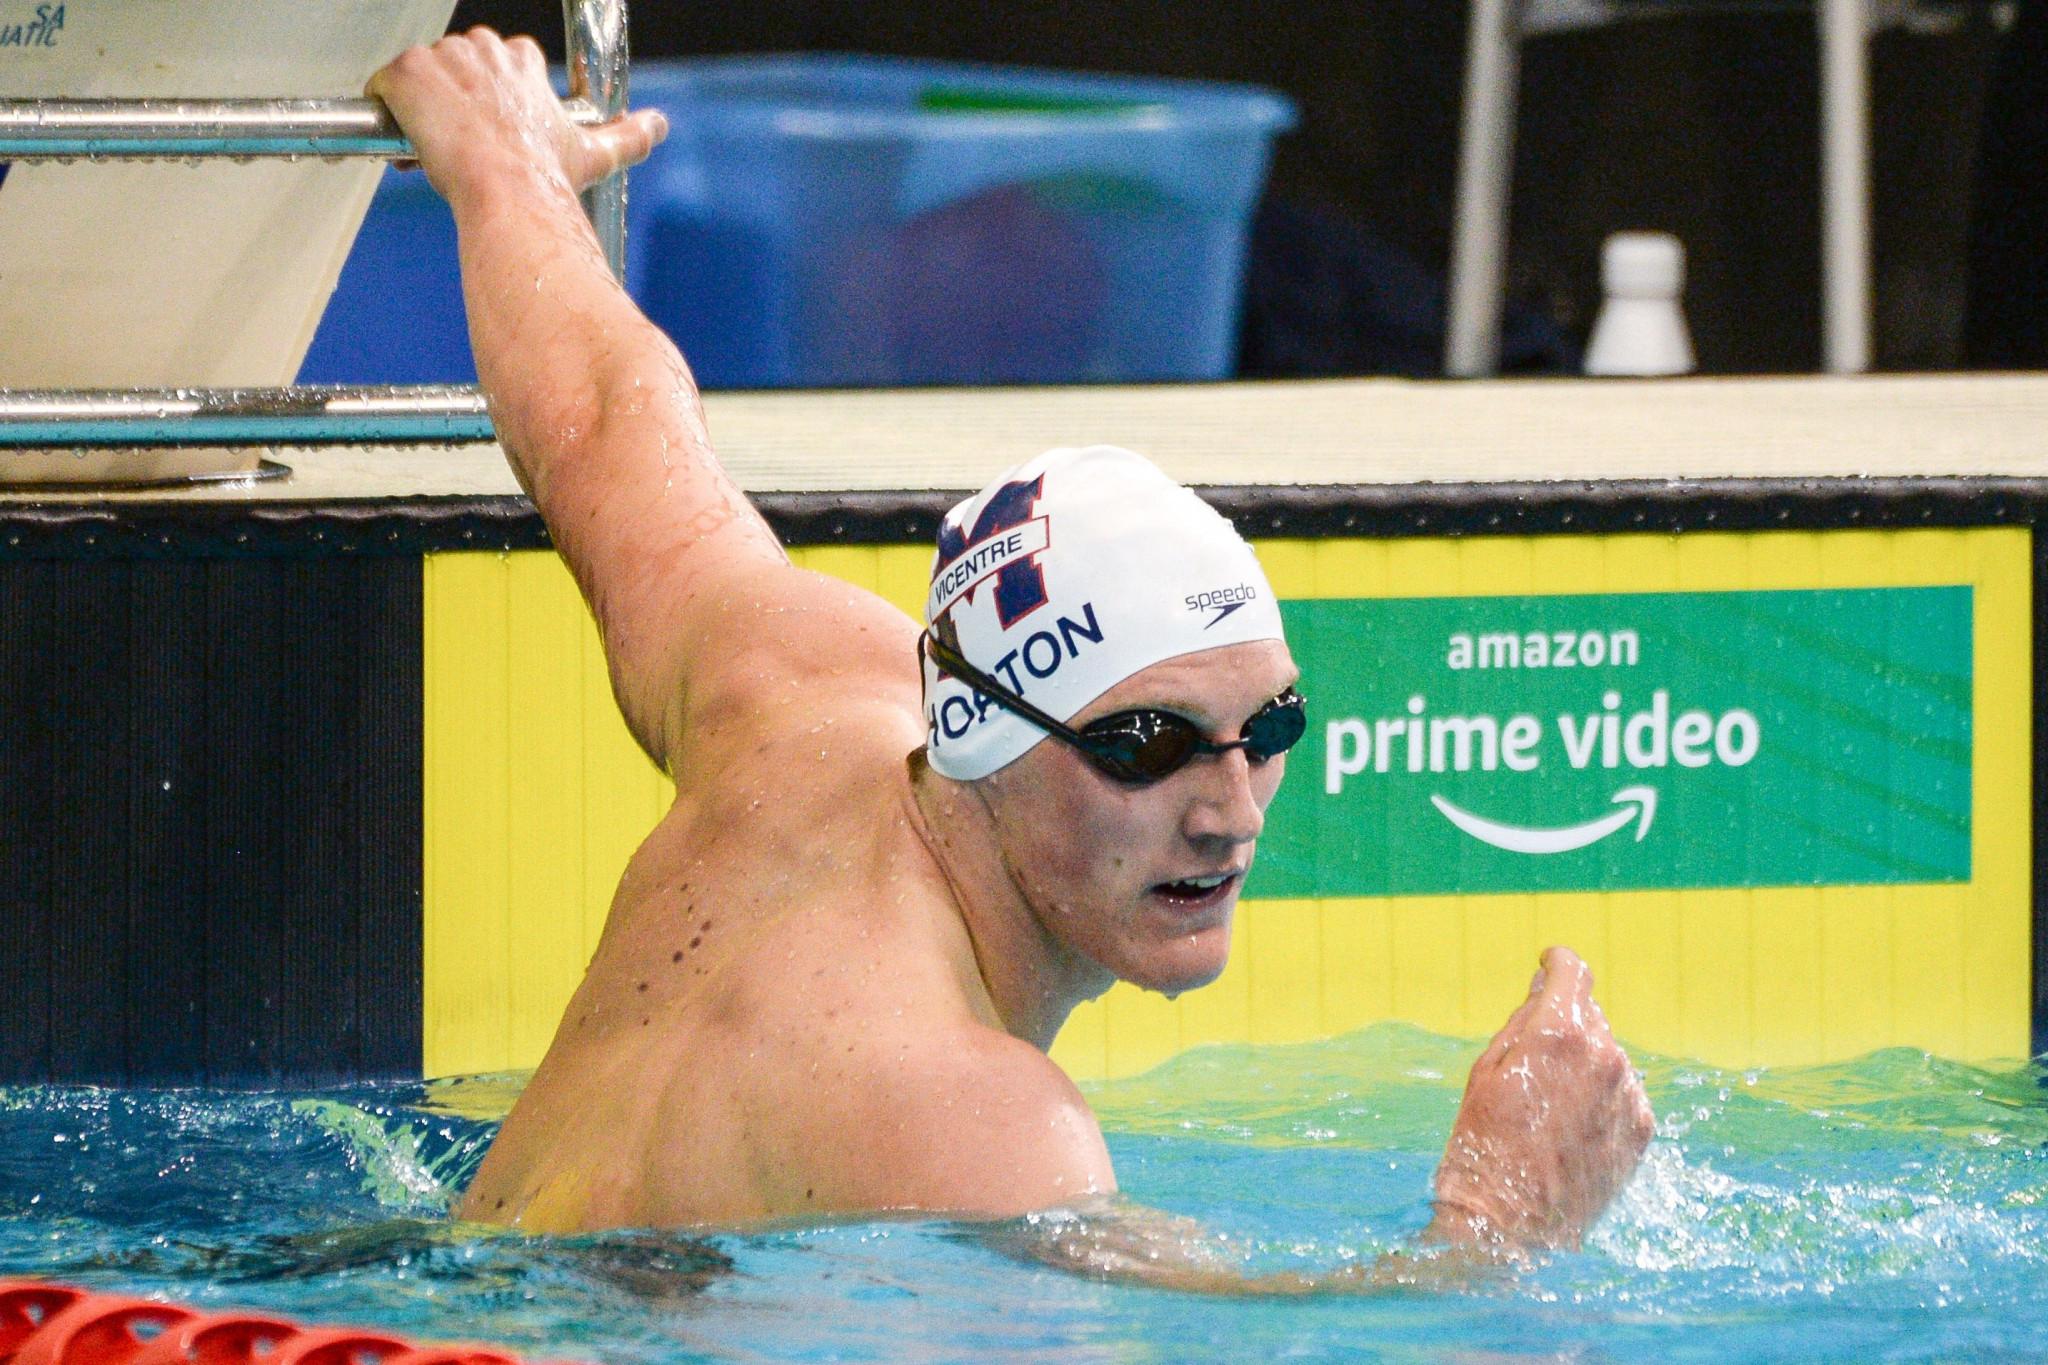 El campeón olímpico Horton se perderá Tokio 2020, al quedar tercero en pruebas de natación